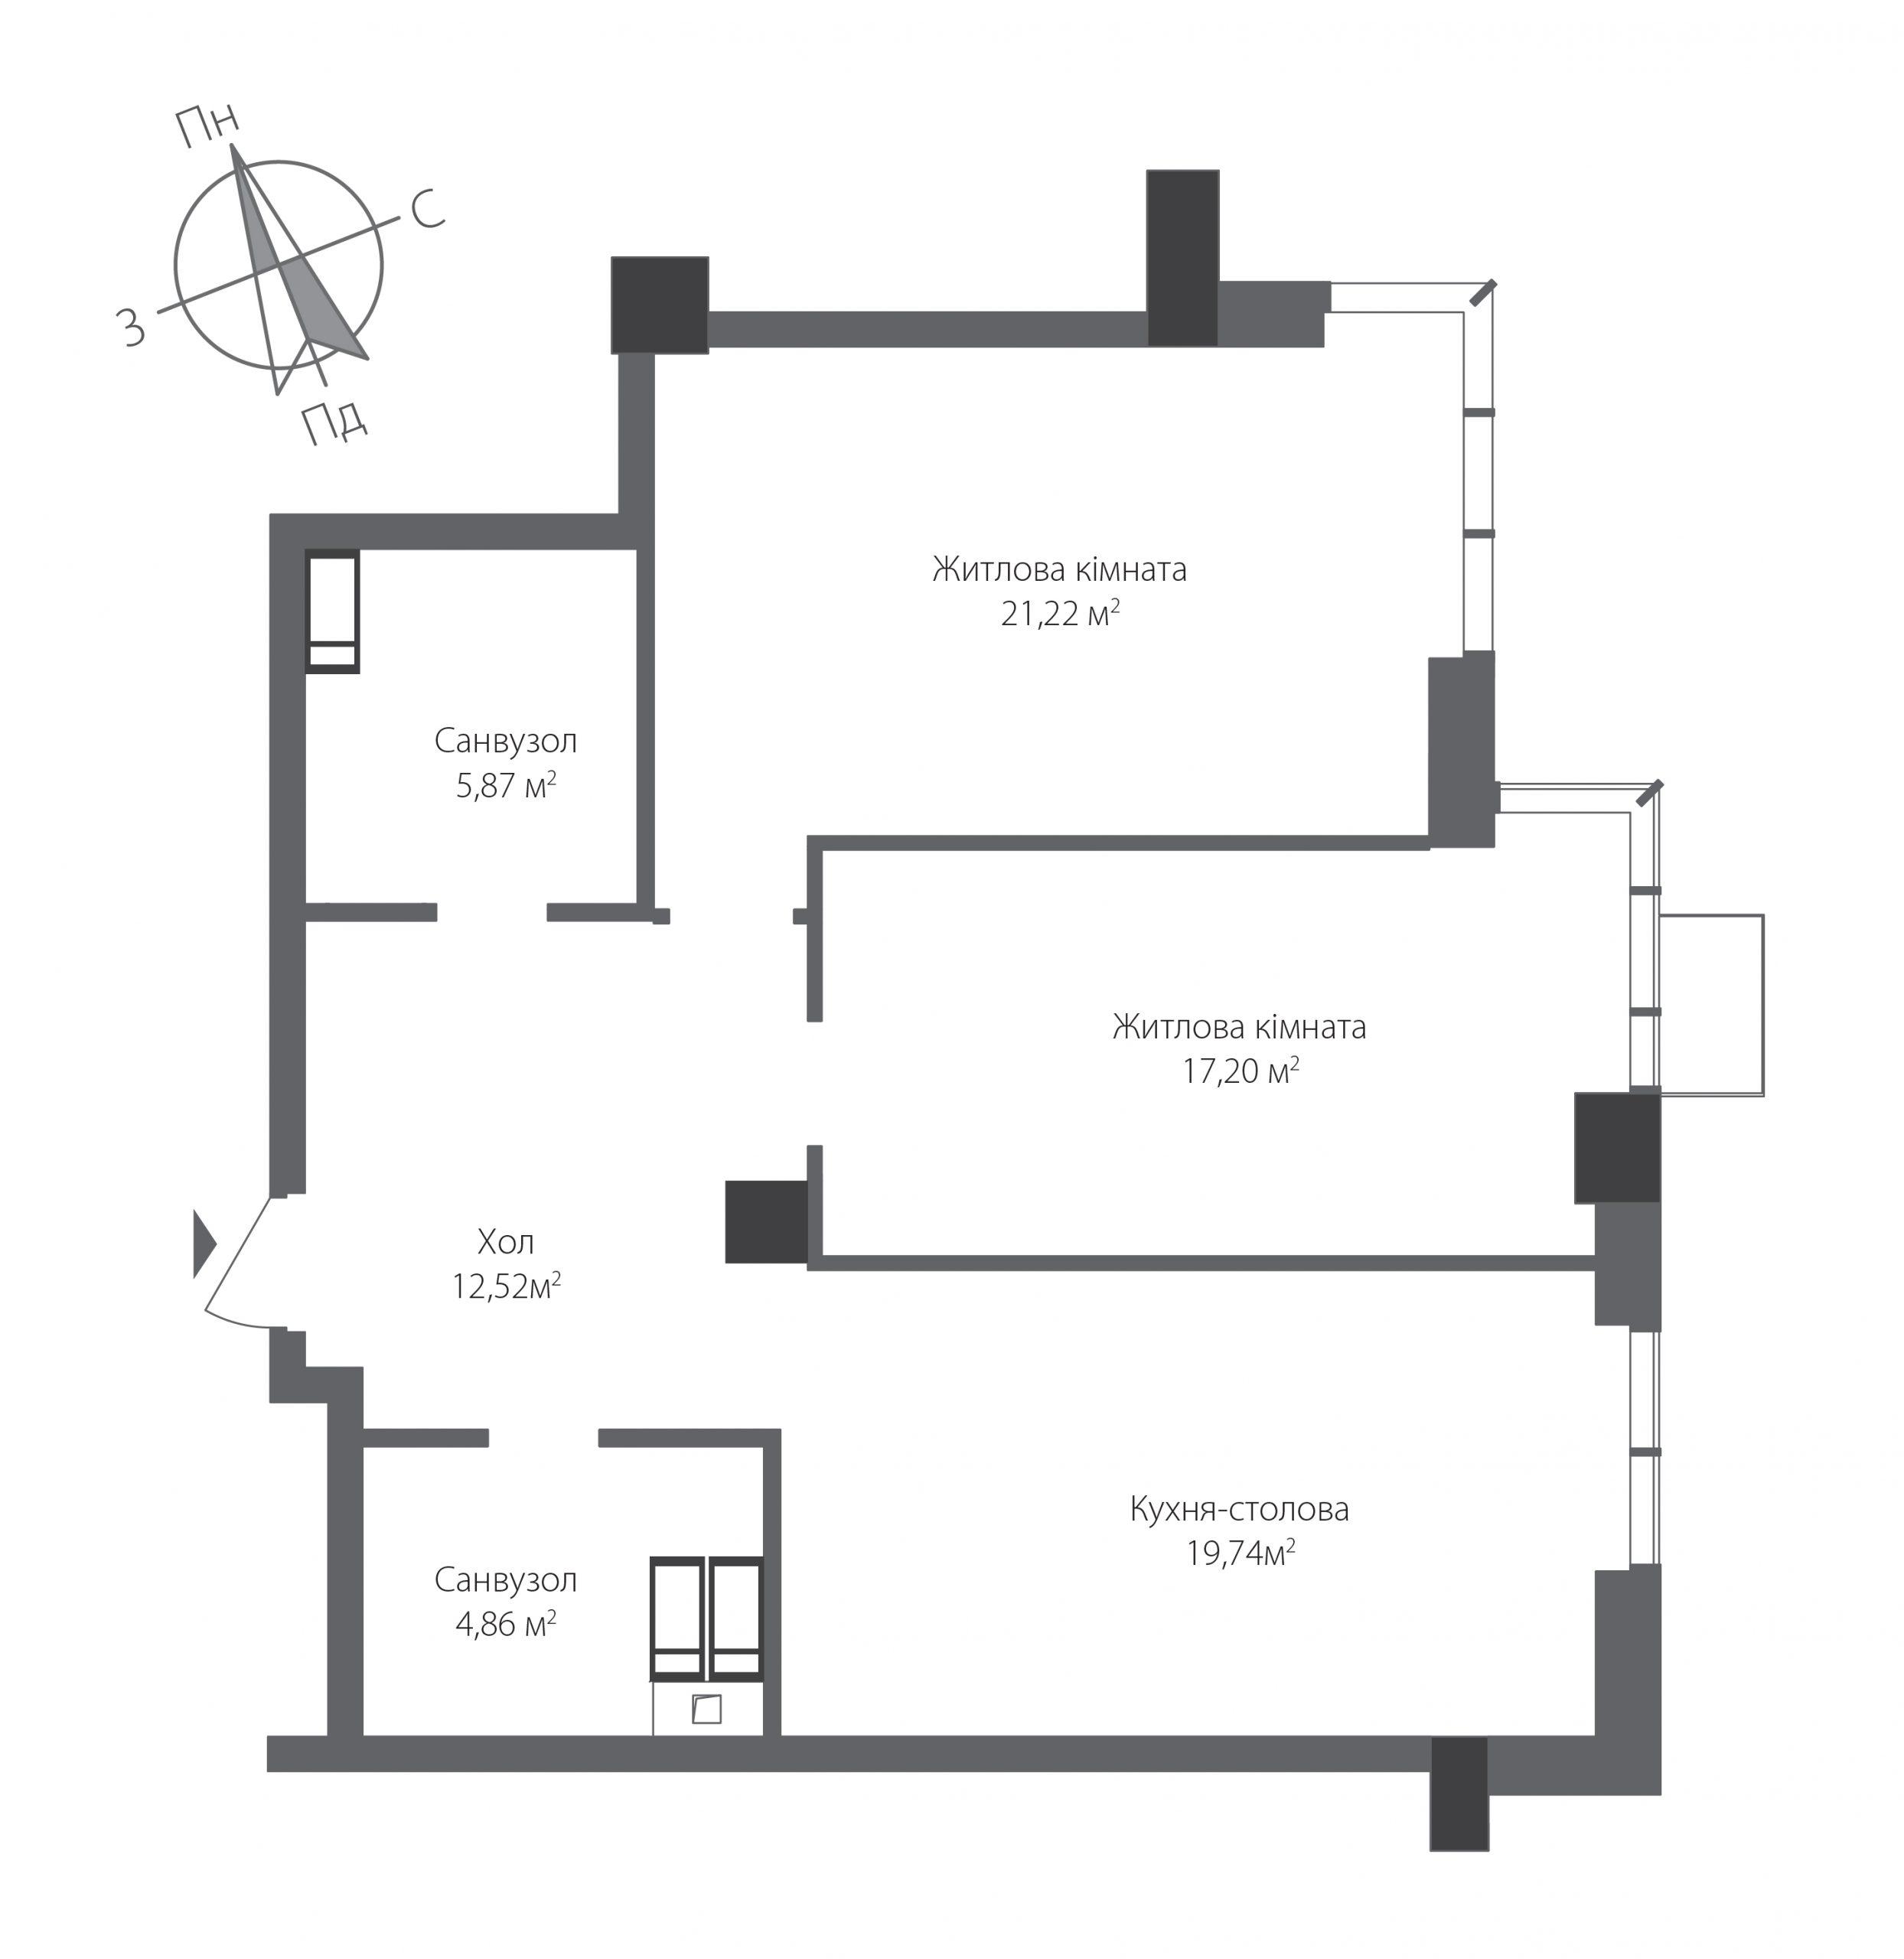 Двухкомнатная квартира в ЖК RiverStone Номер квартиры №16, Дом 9, Этаж 16, Полная площадь 81,41